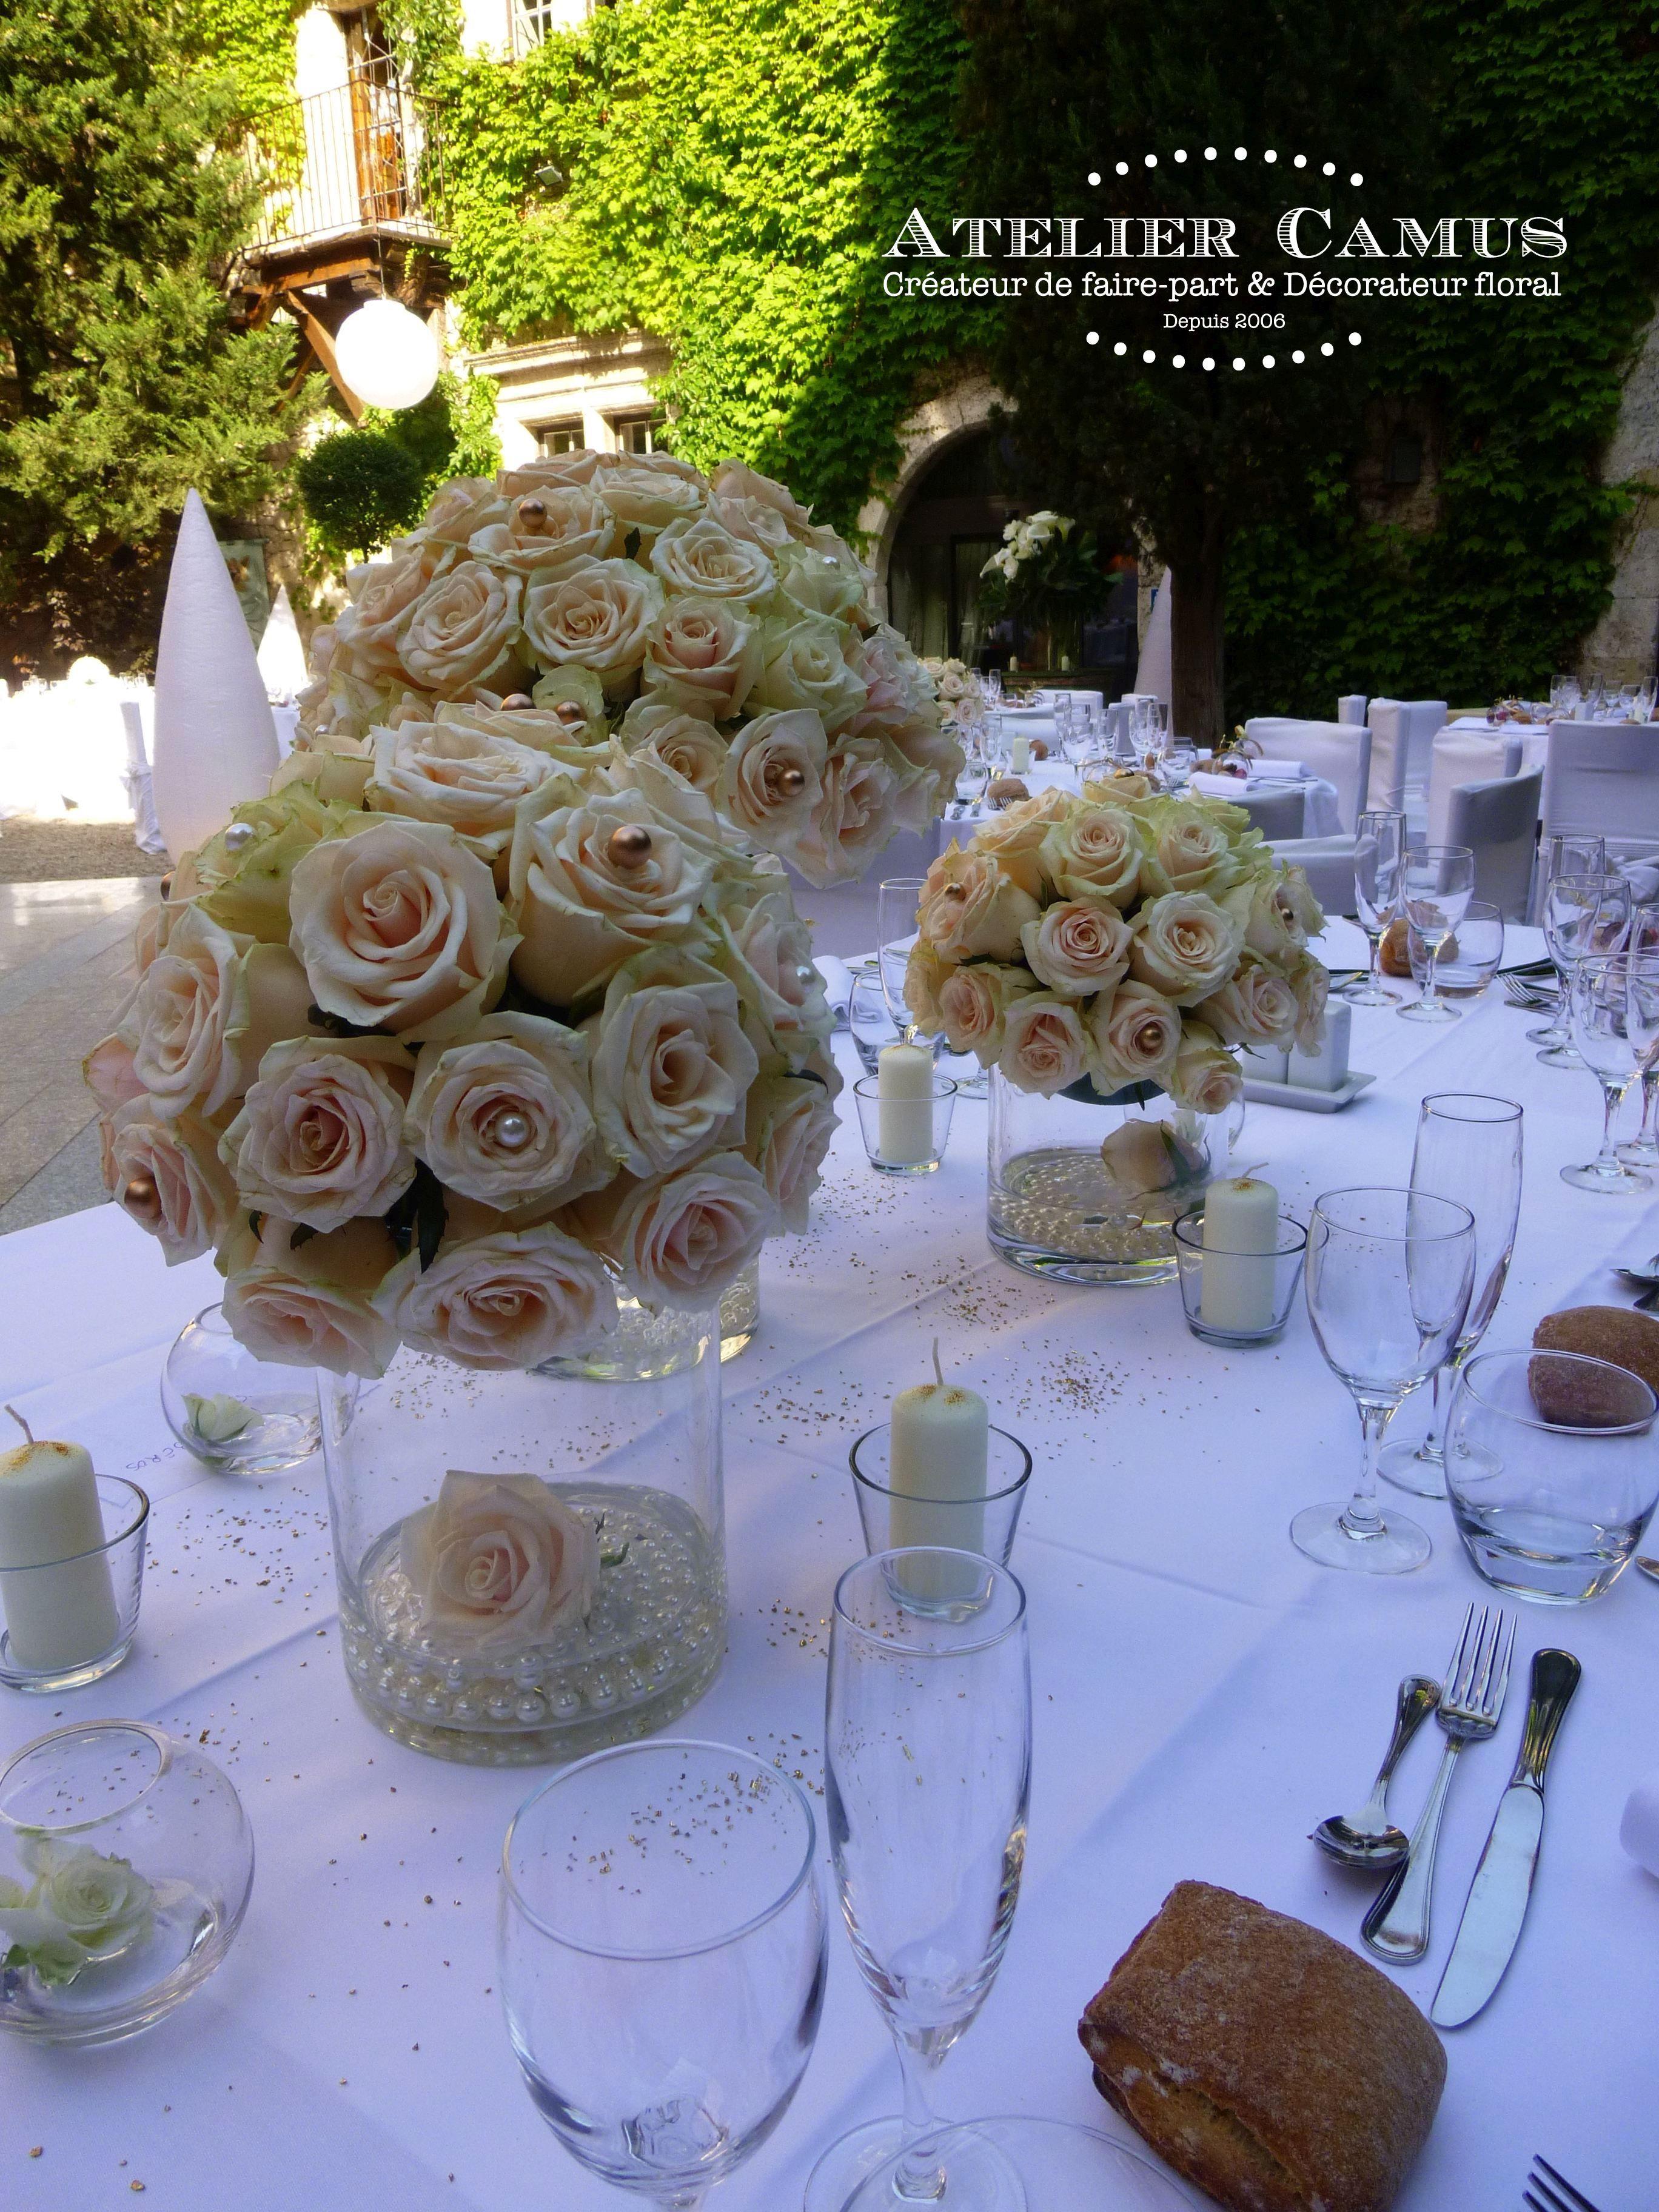 Centre De Table Design pour un mariage chic et glamour : centre de table avec des